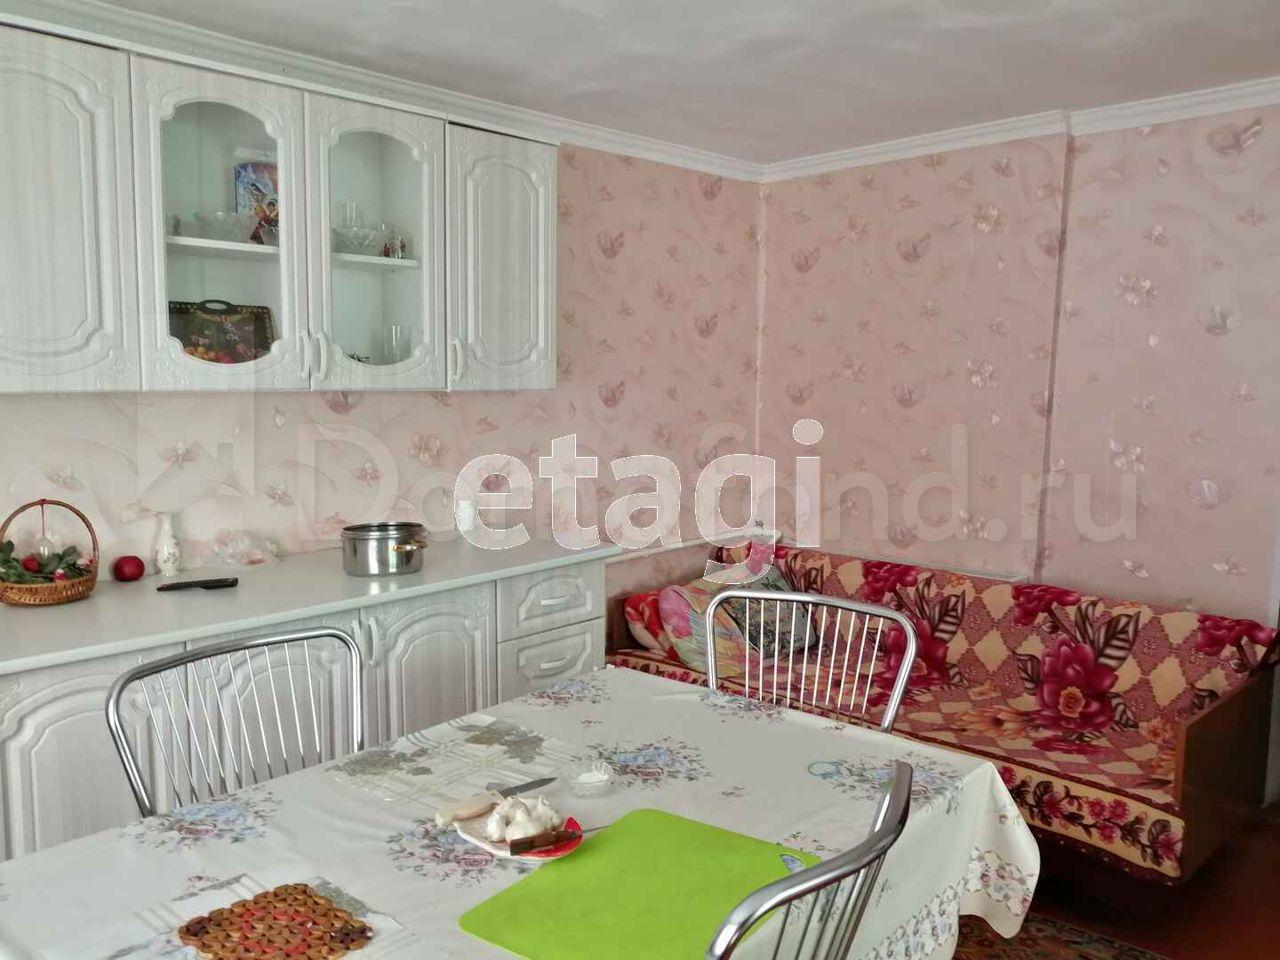 Объявления Дом на продажу — город Прохладный : Domofond.ru Дружба